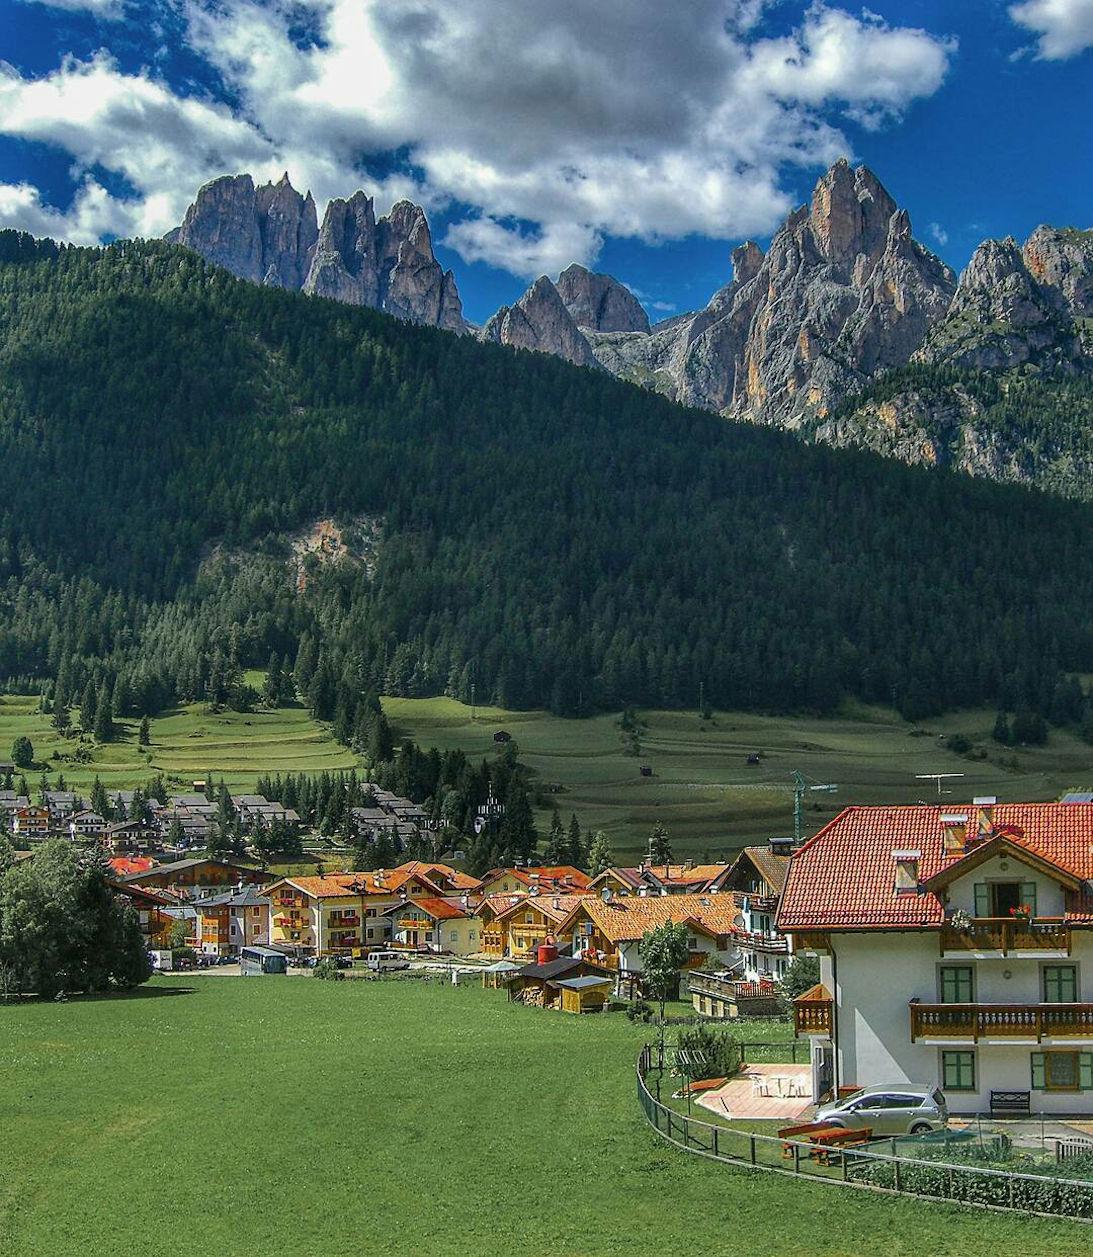 Merano, Trentino Alto Adige